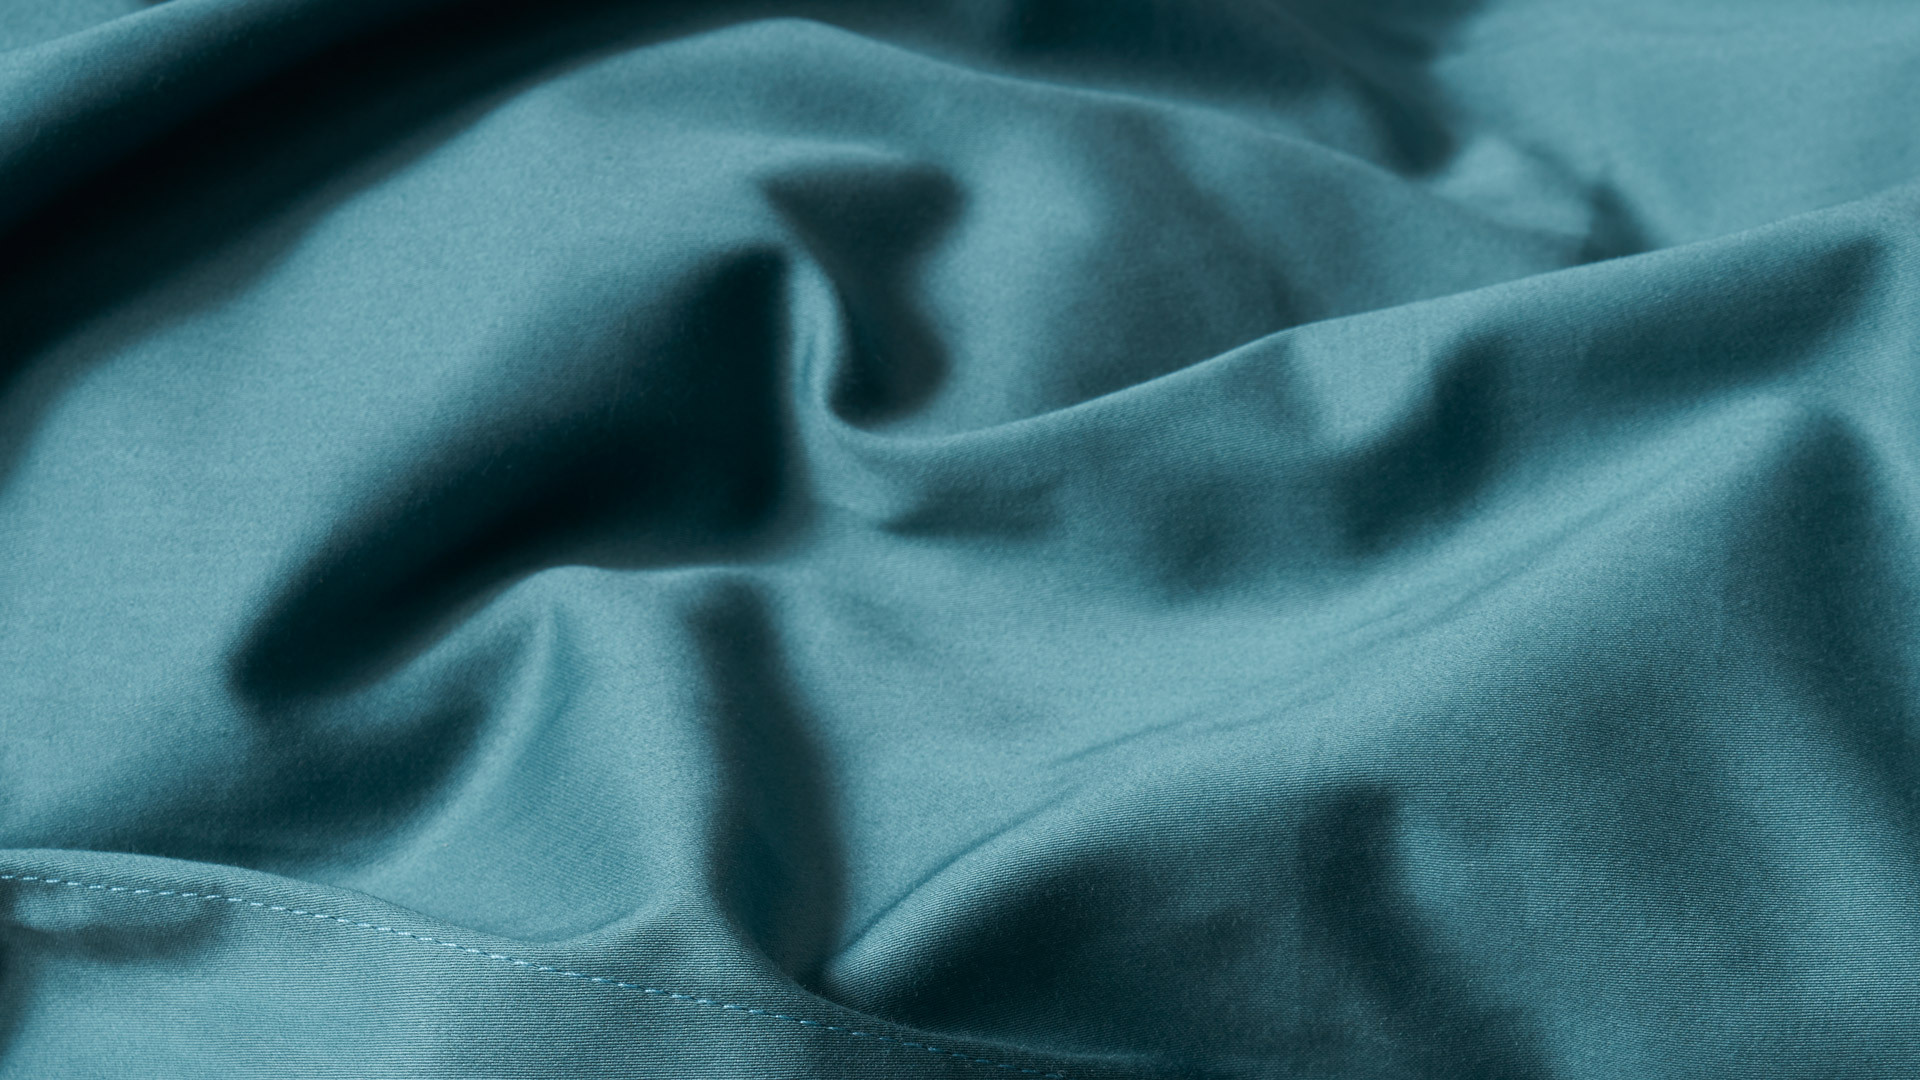 甄选精梳棉,编织如彩锦绣